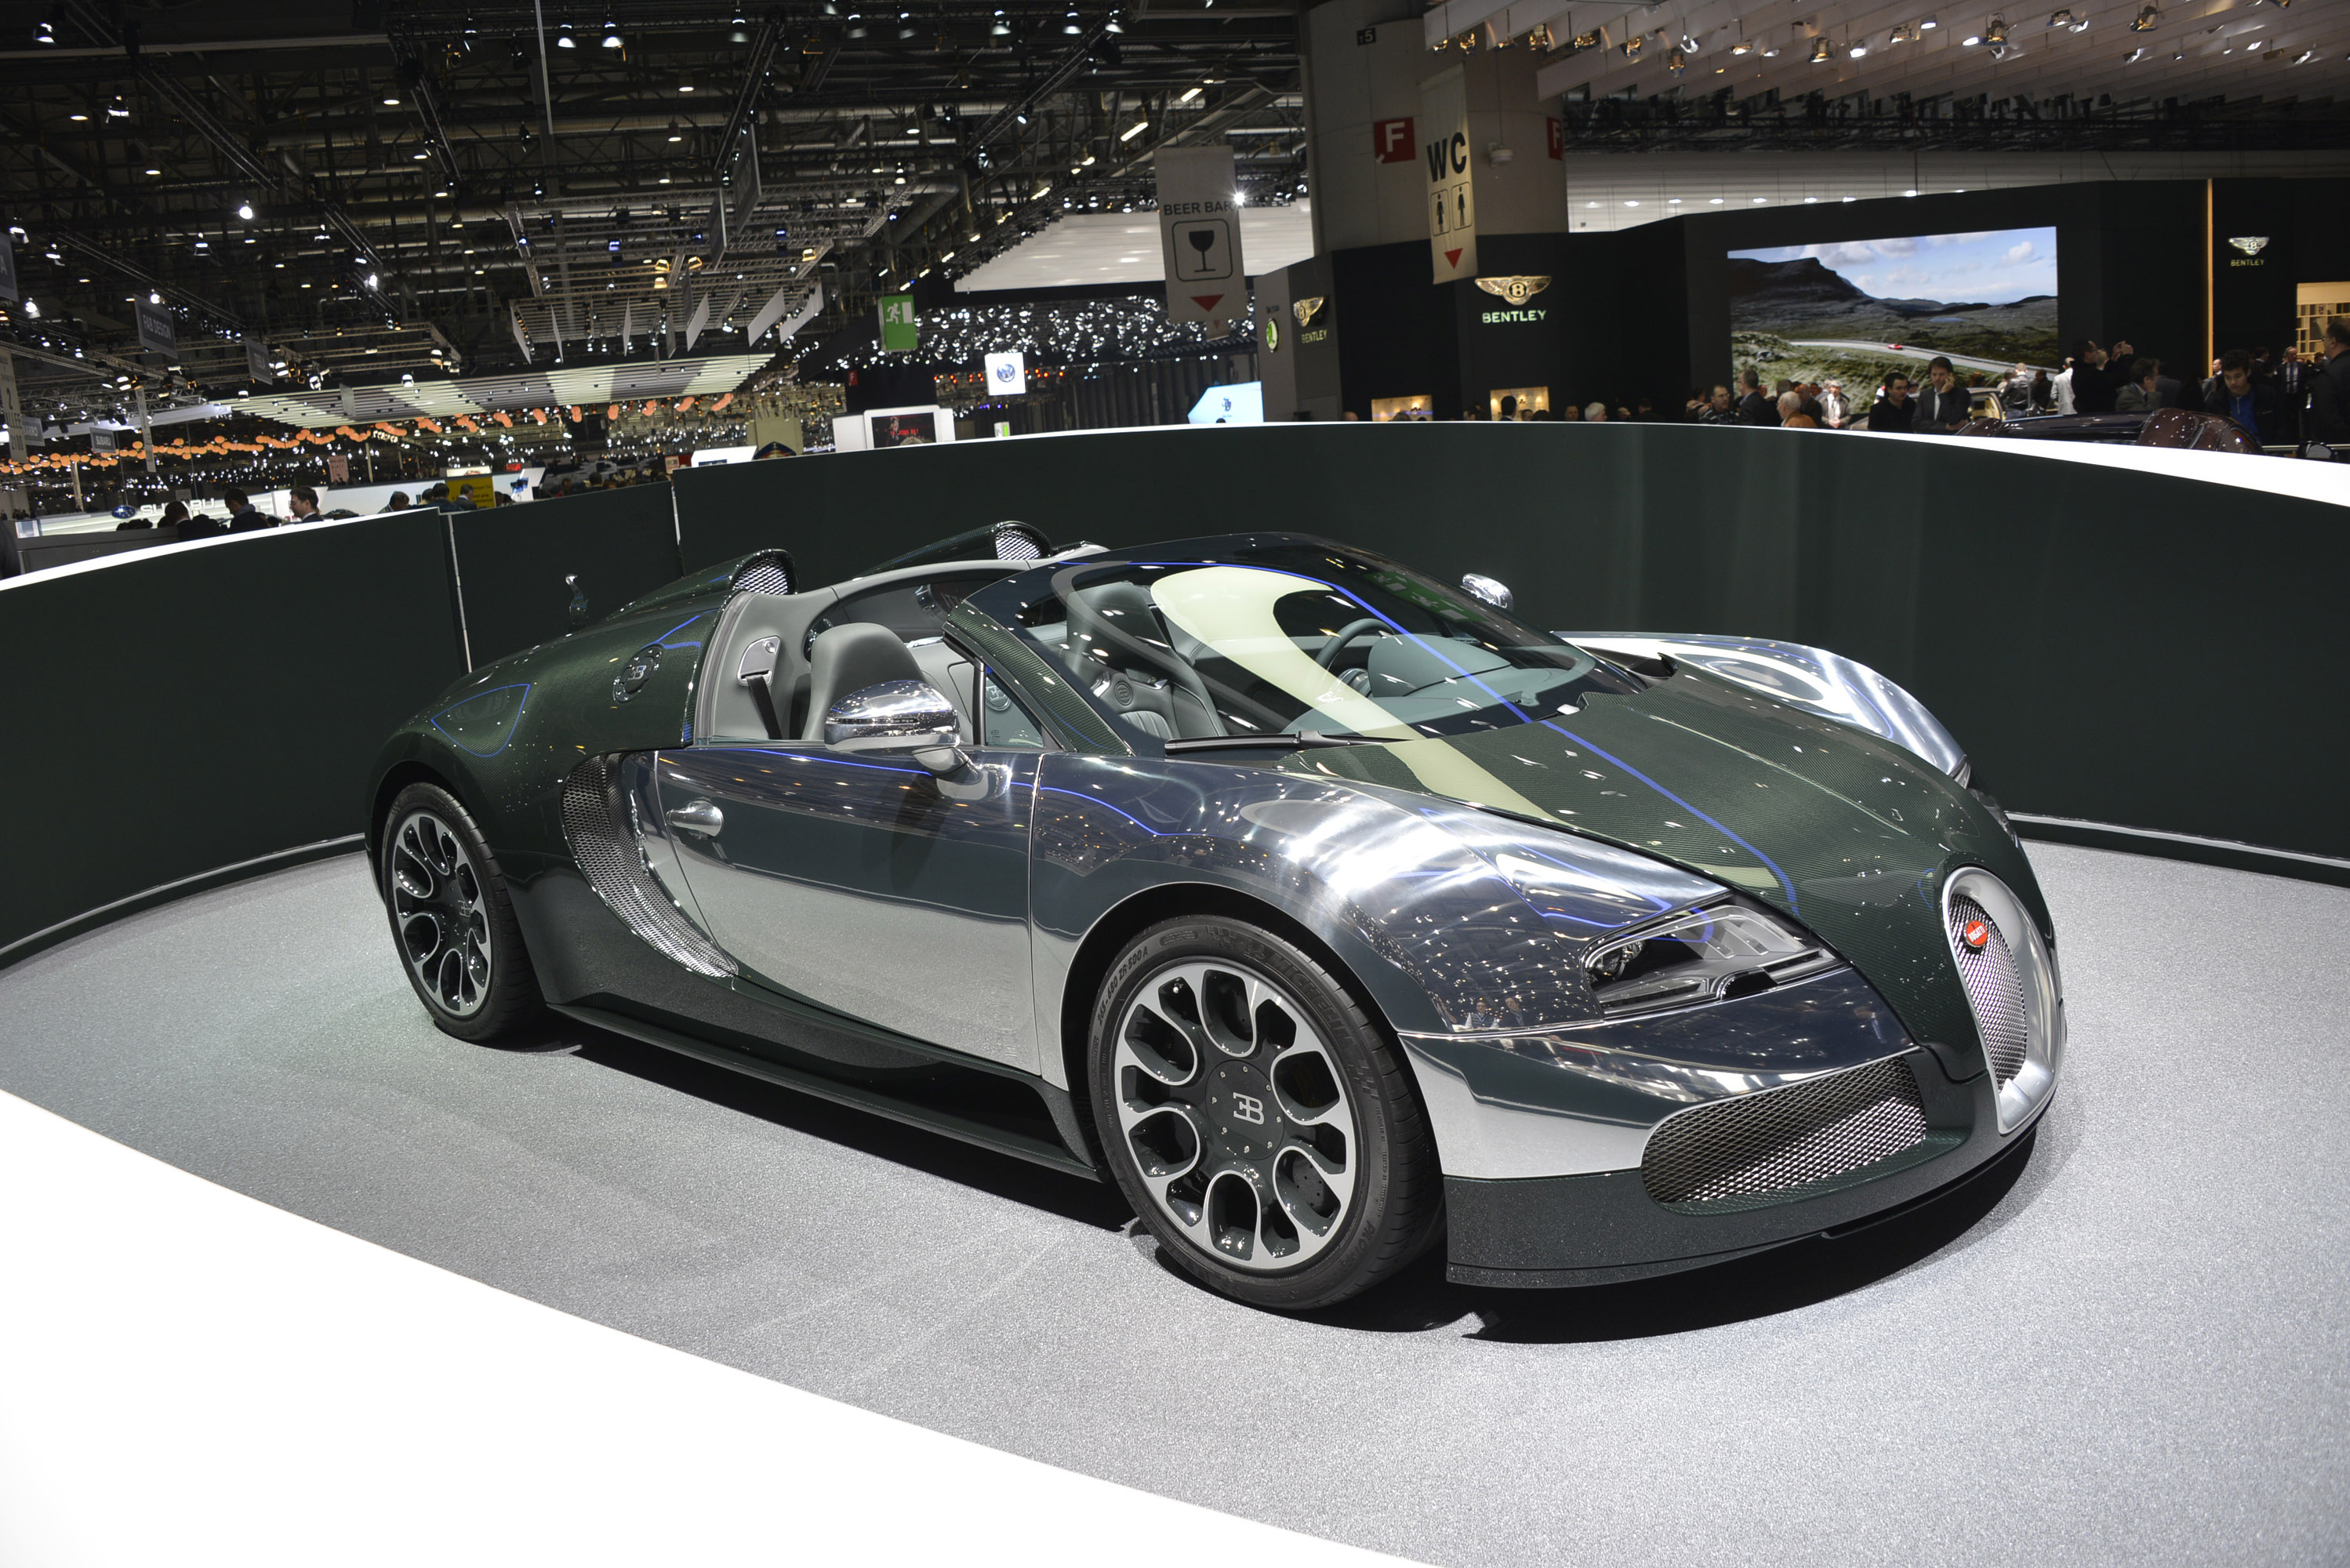 bugatti veyron grand sport geneva 2013 picture 82353. Black Bedroom Furniture Sets. Home Design Ideas